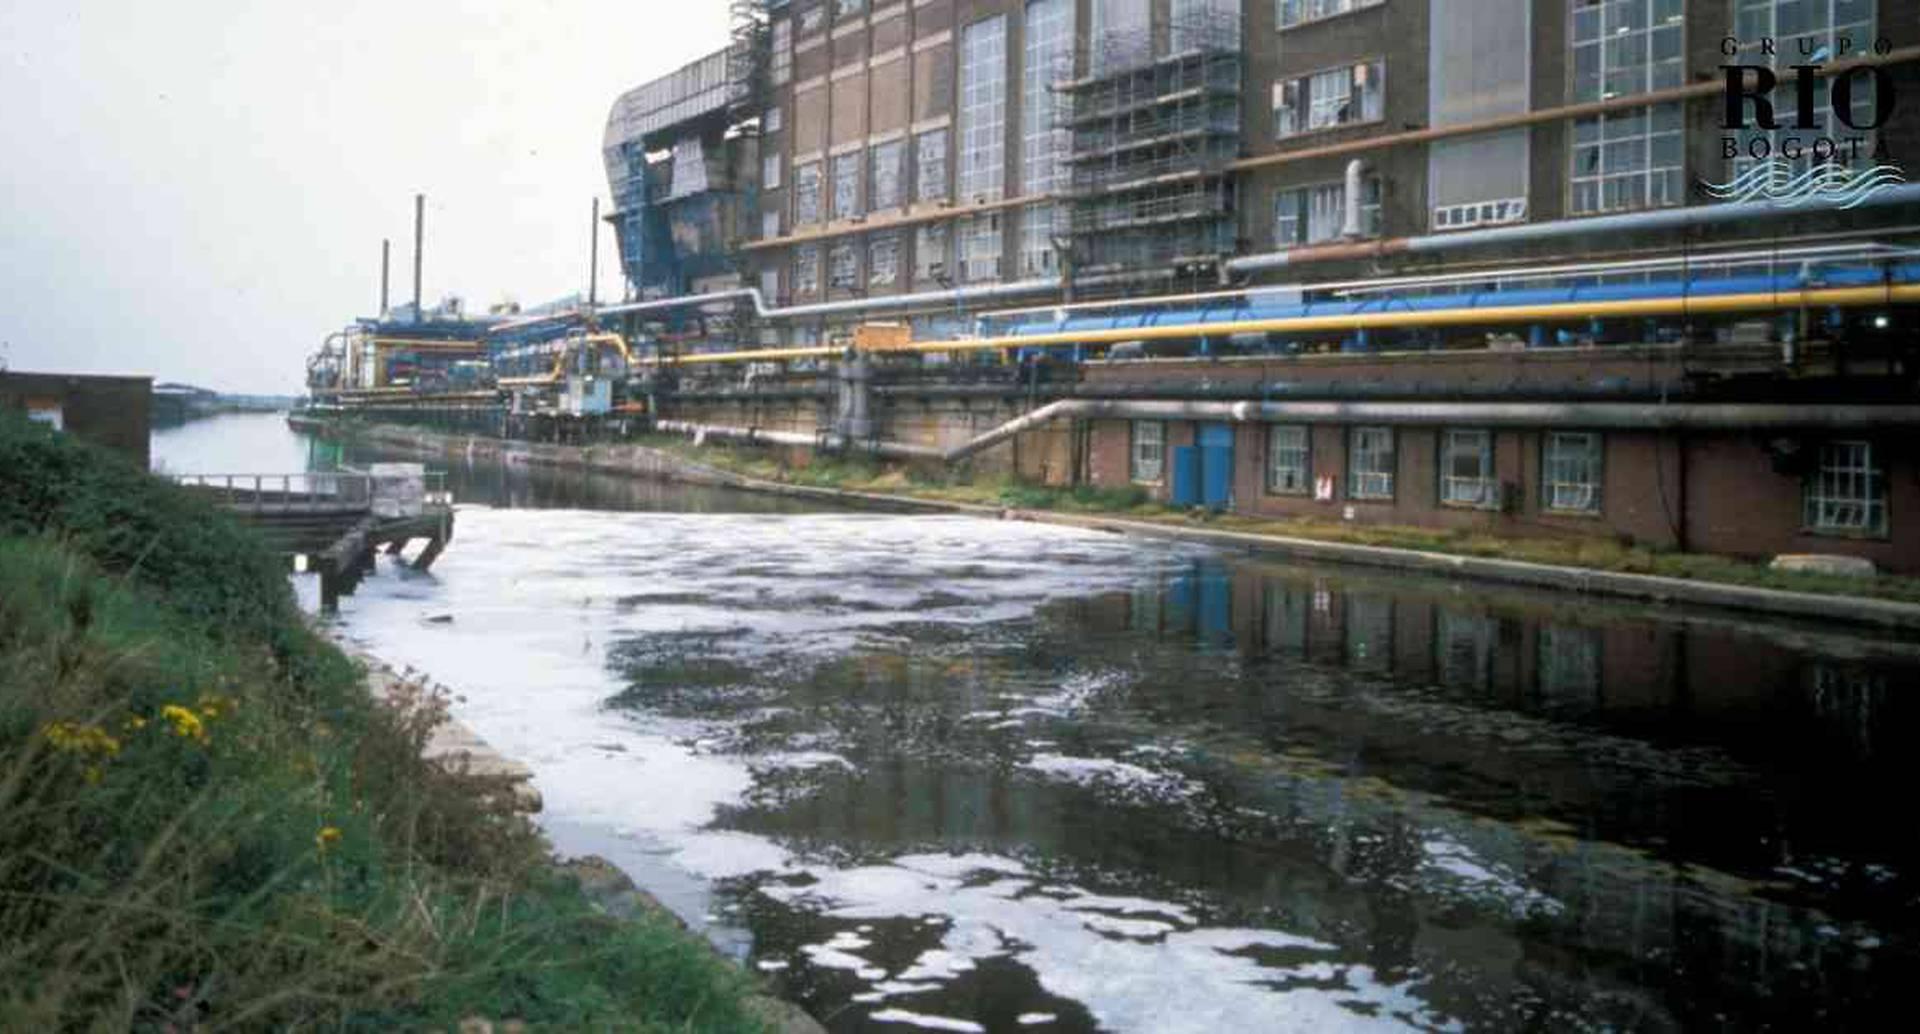 El río Mersey es uno de los más contaminados de ese país.